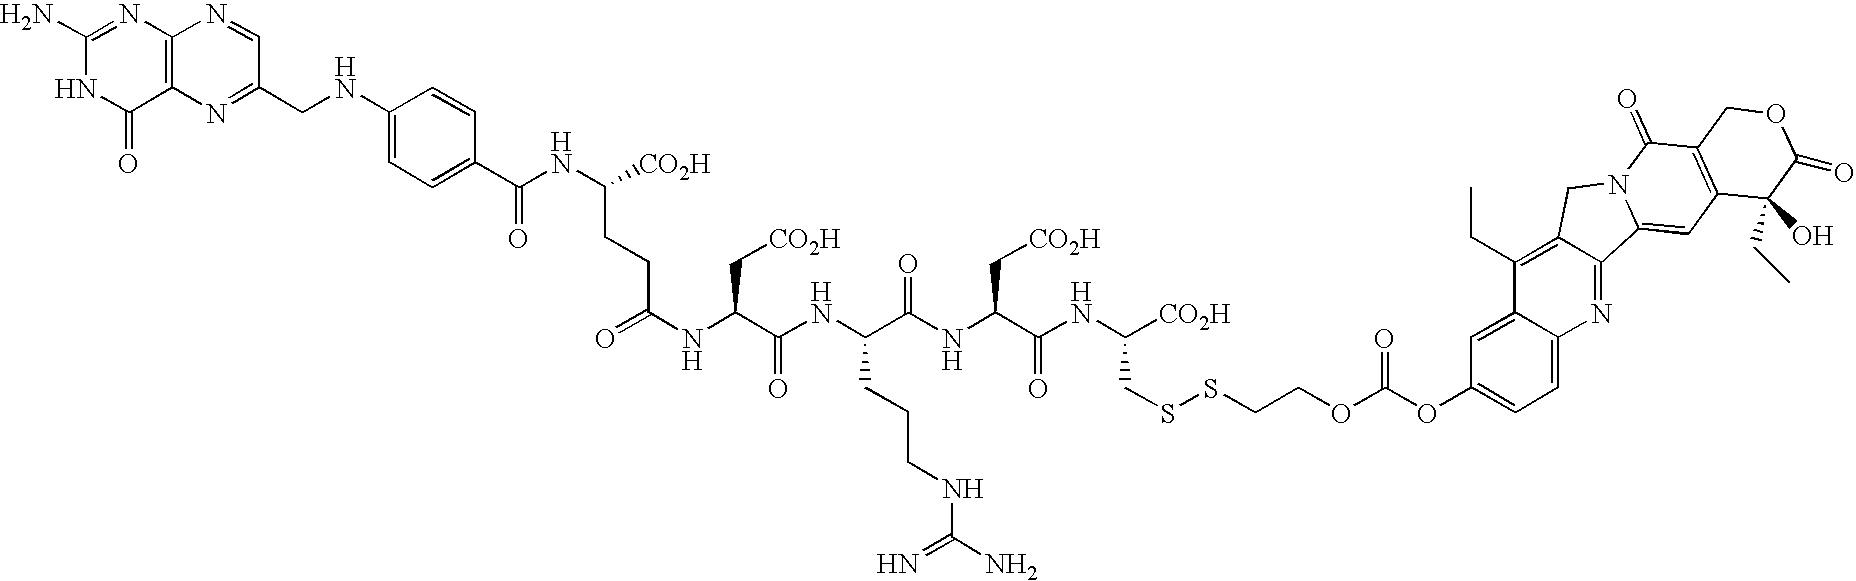 Figure US20100004276A1-20100107-C00152